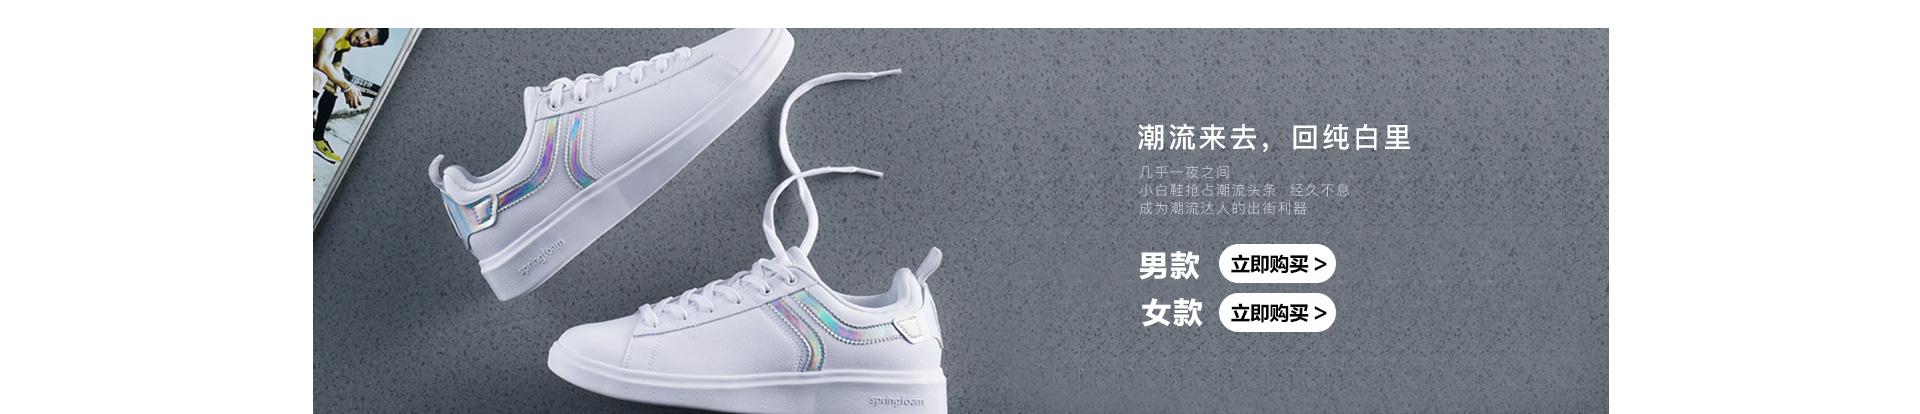 特步林更新同款板鞋